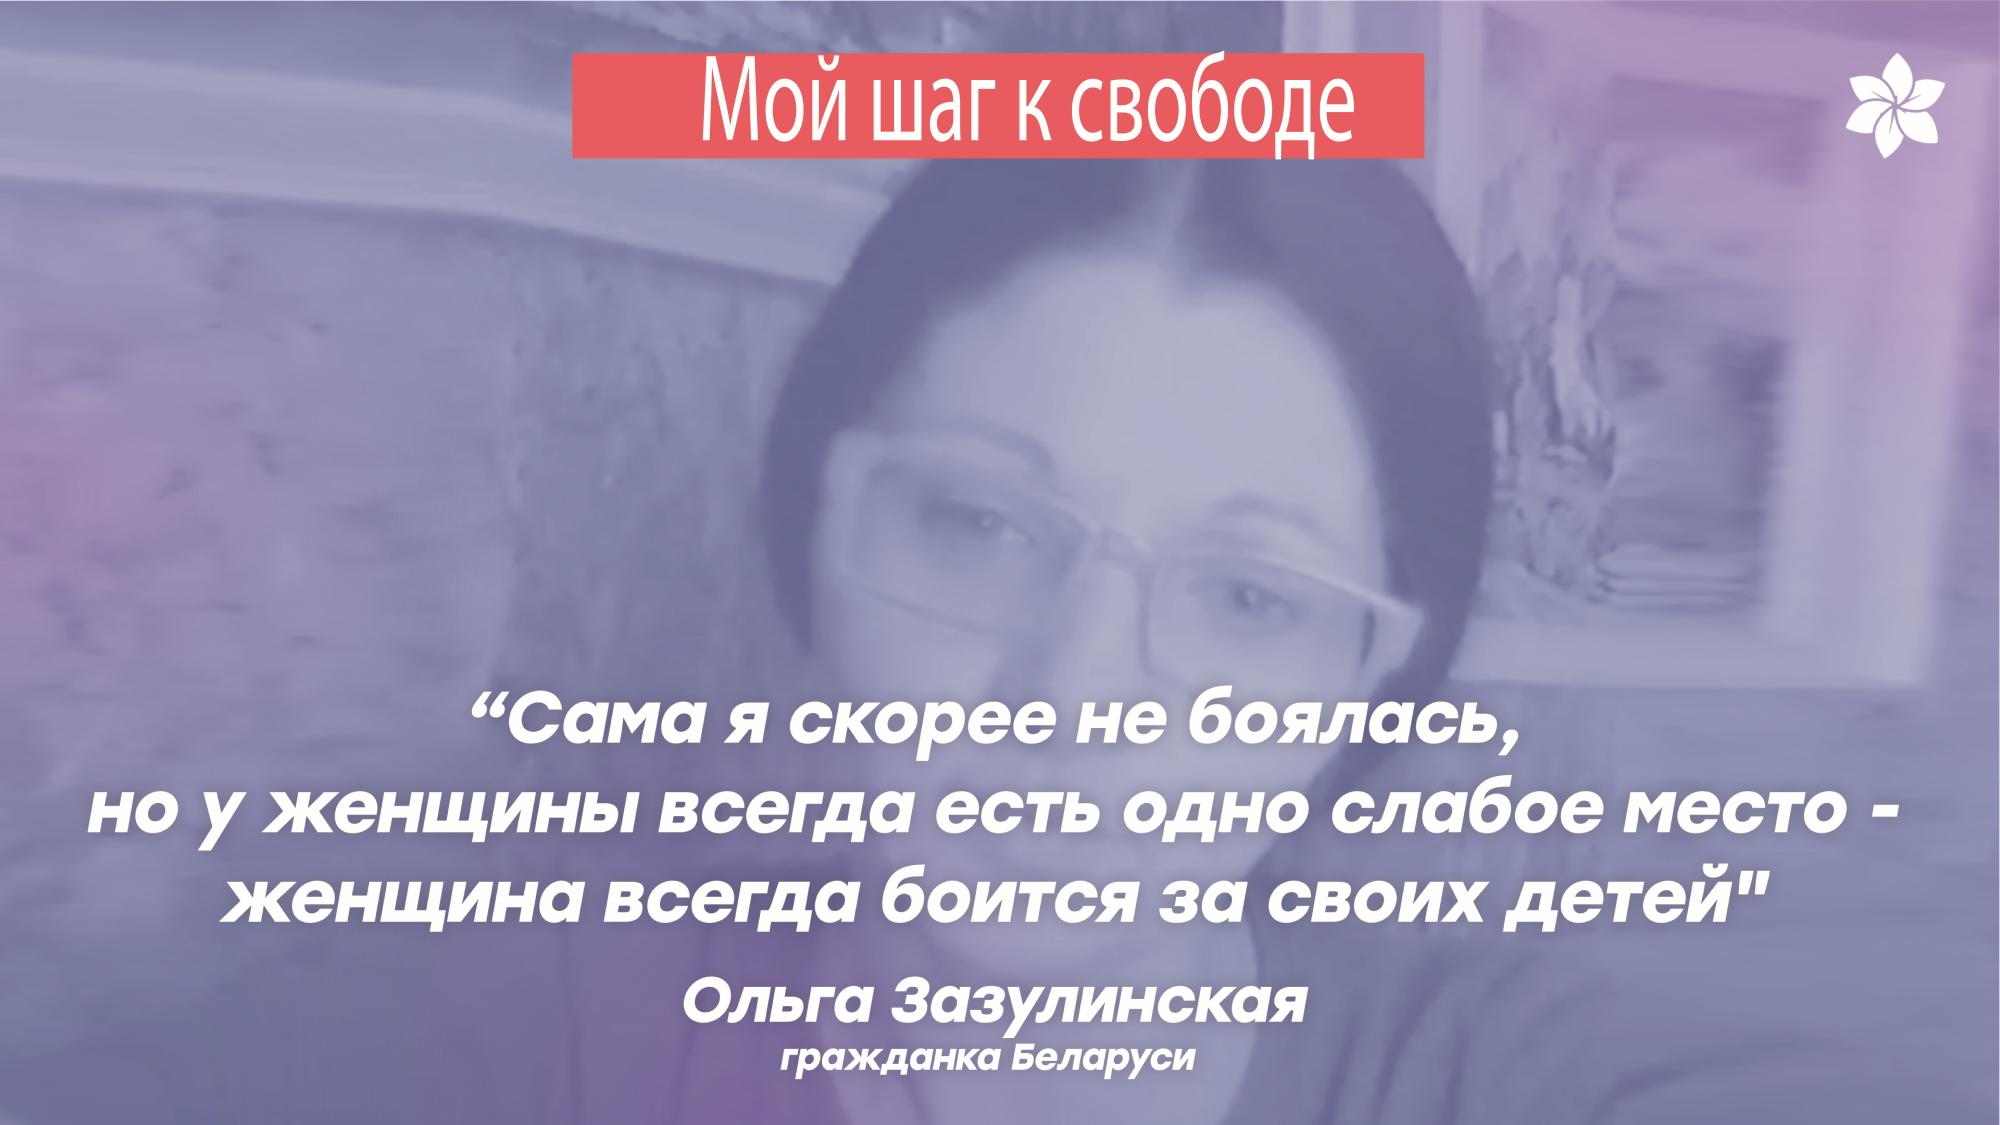 #09 Volha Zazulinskaya